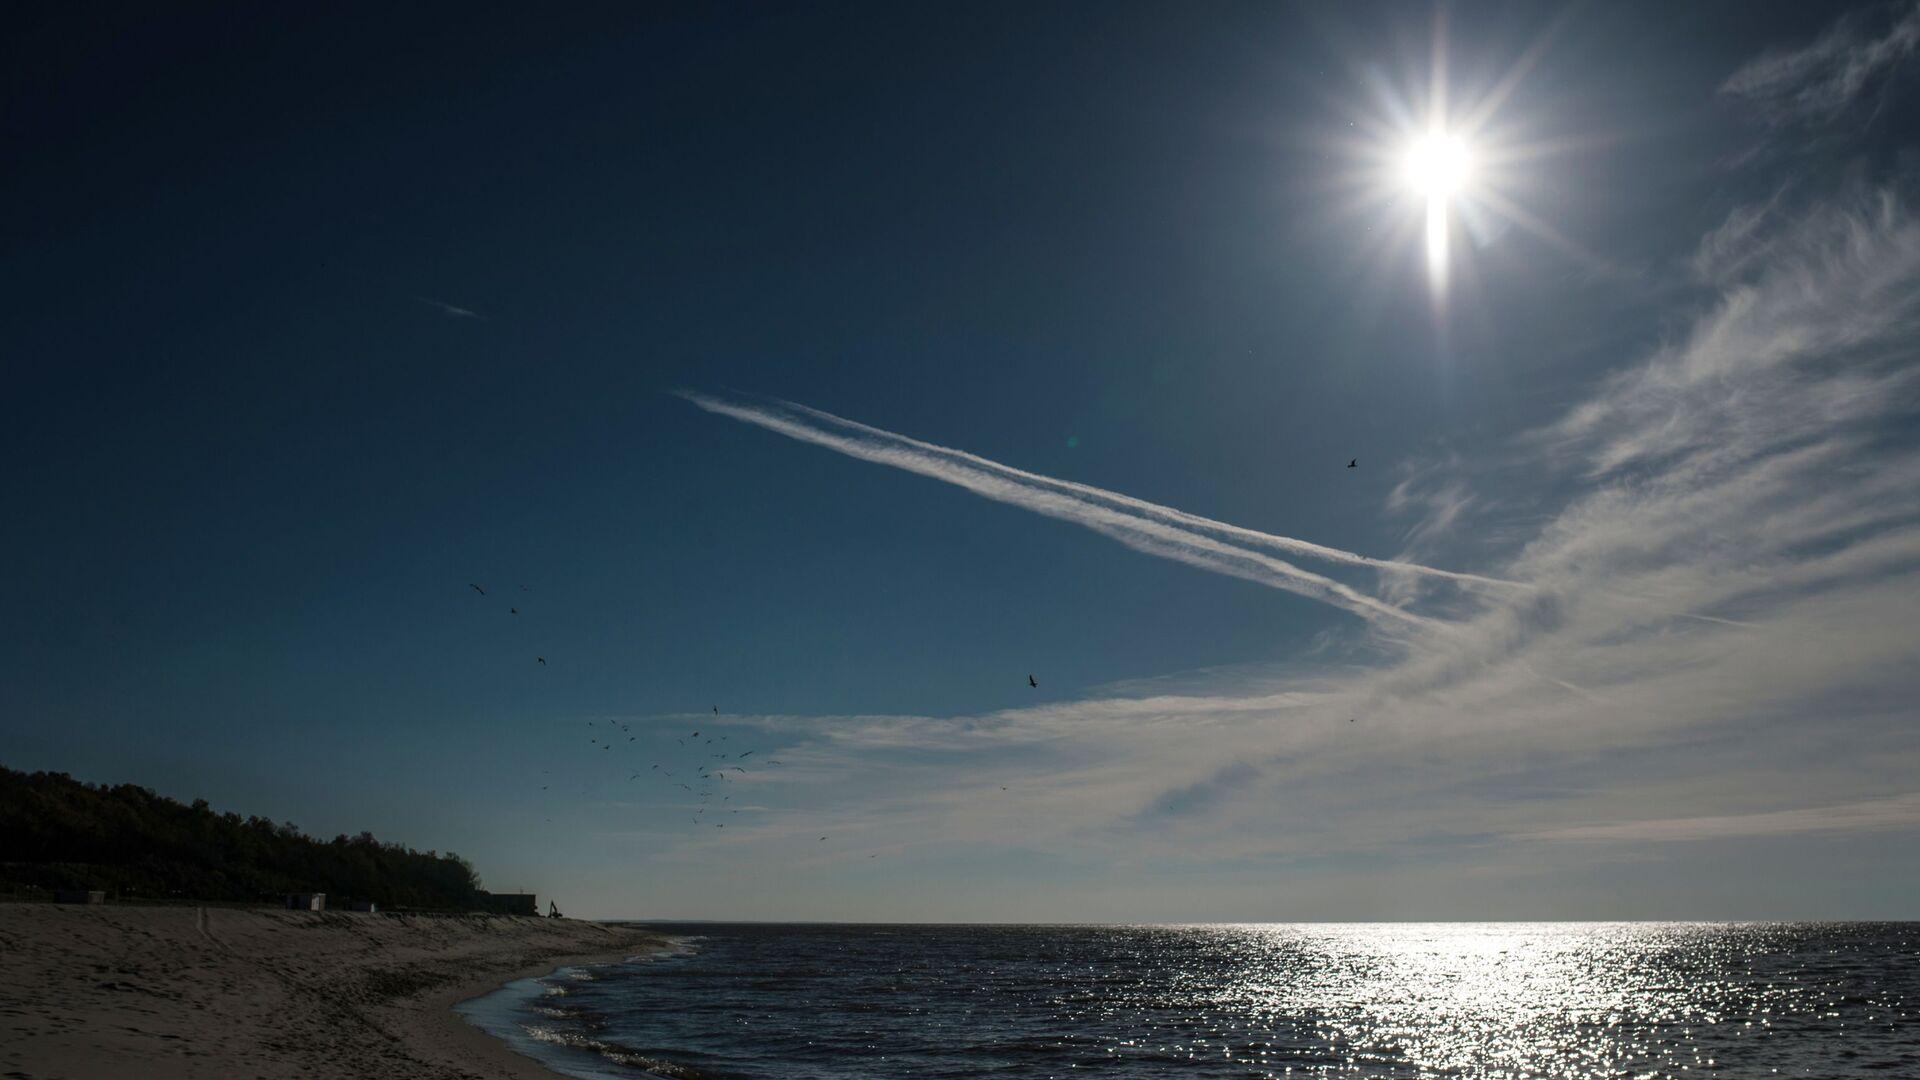 Берег Балтийского моря в поселке Янтарный. - Sputnik Латвия, 1920, 04.08.2021